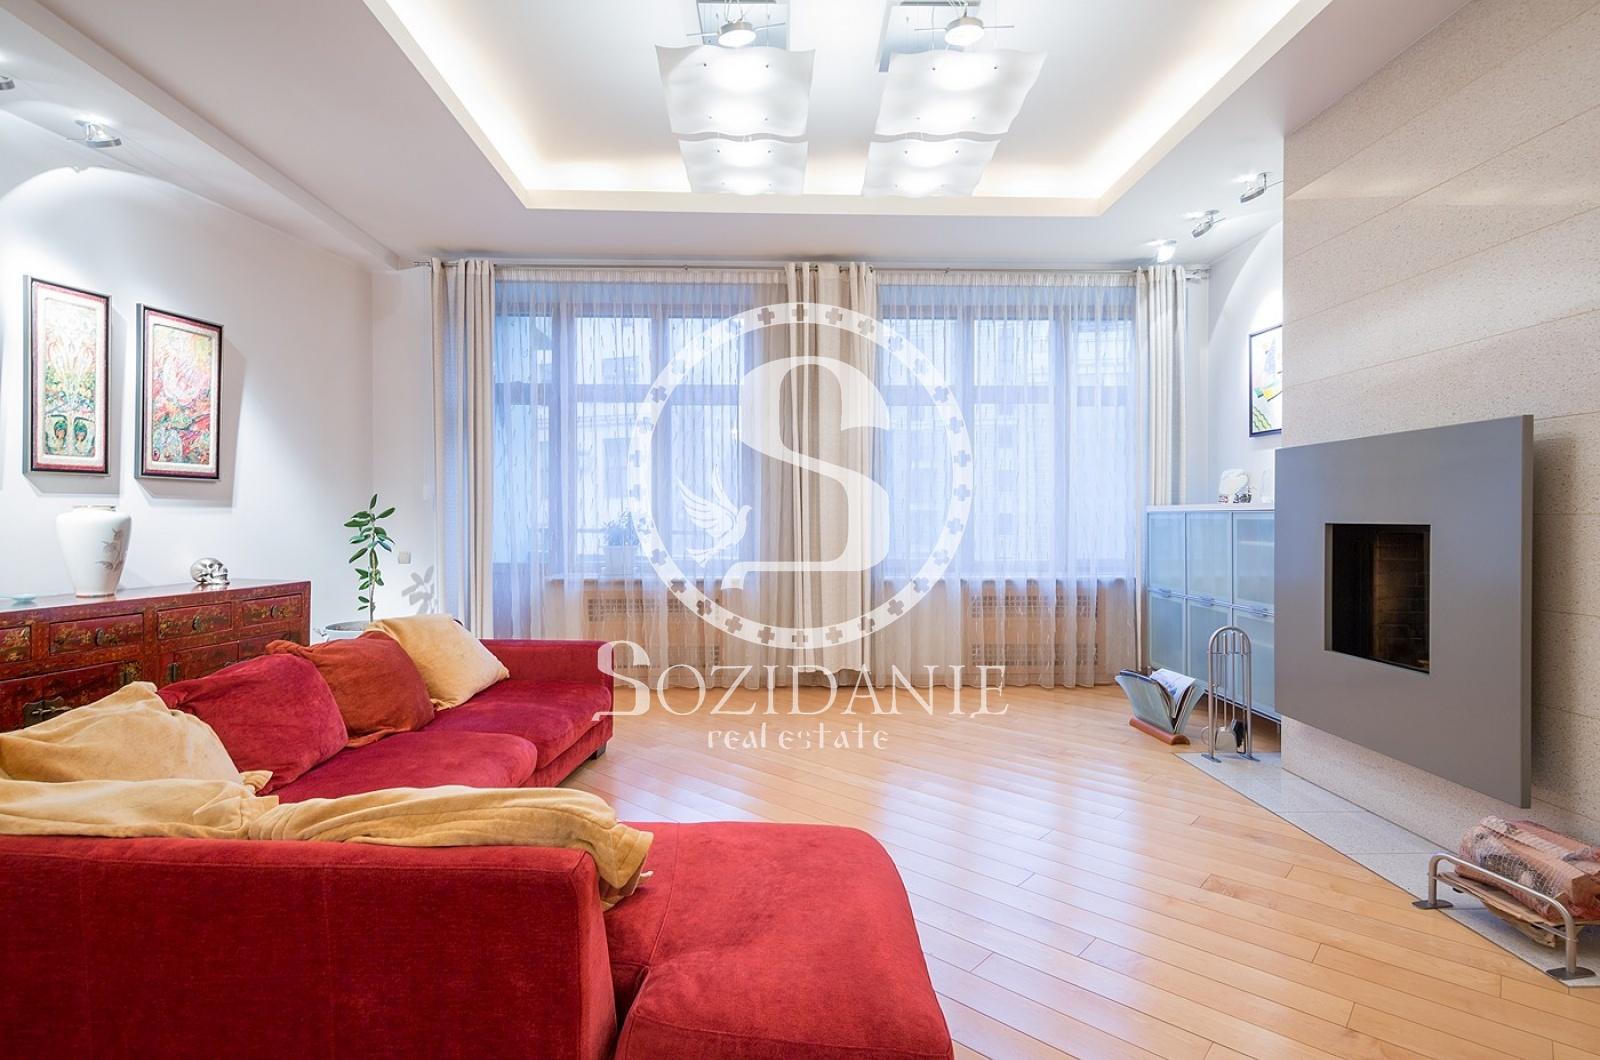 2 Комнаты, Городская, Аренда, Большой Афанасьевский переулок, Listing ID 3934, Москва, Россия,